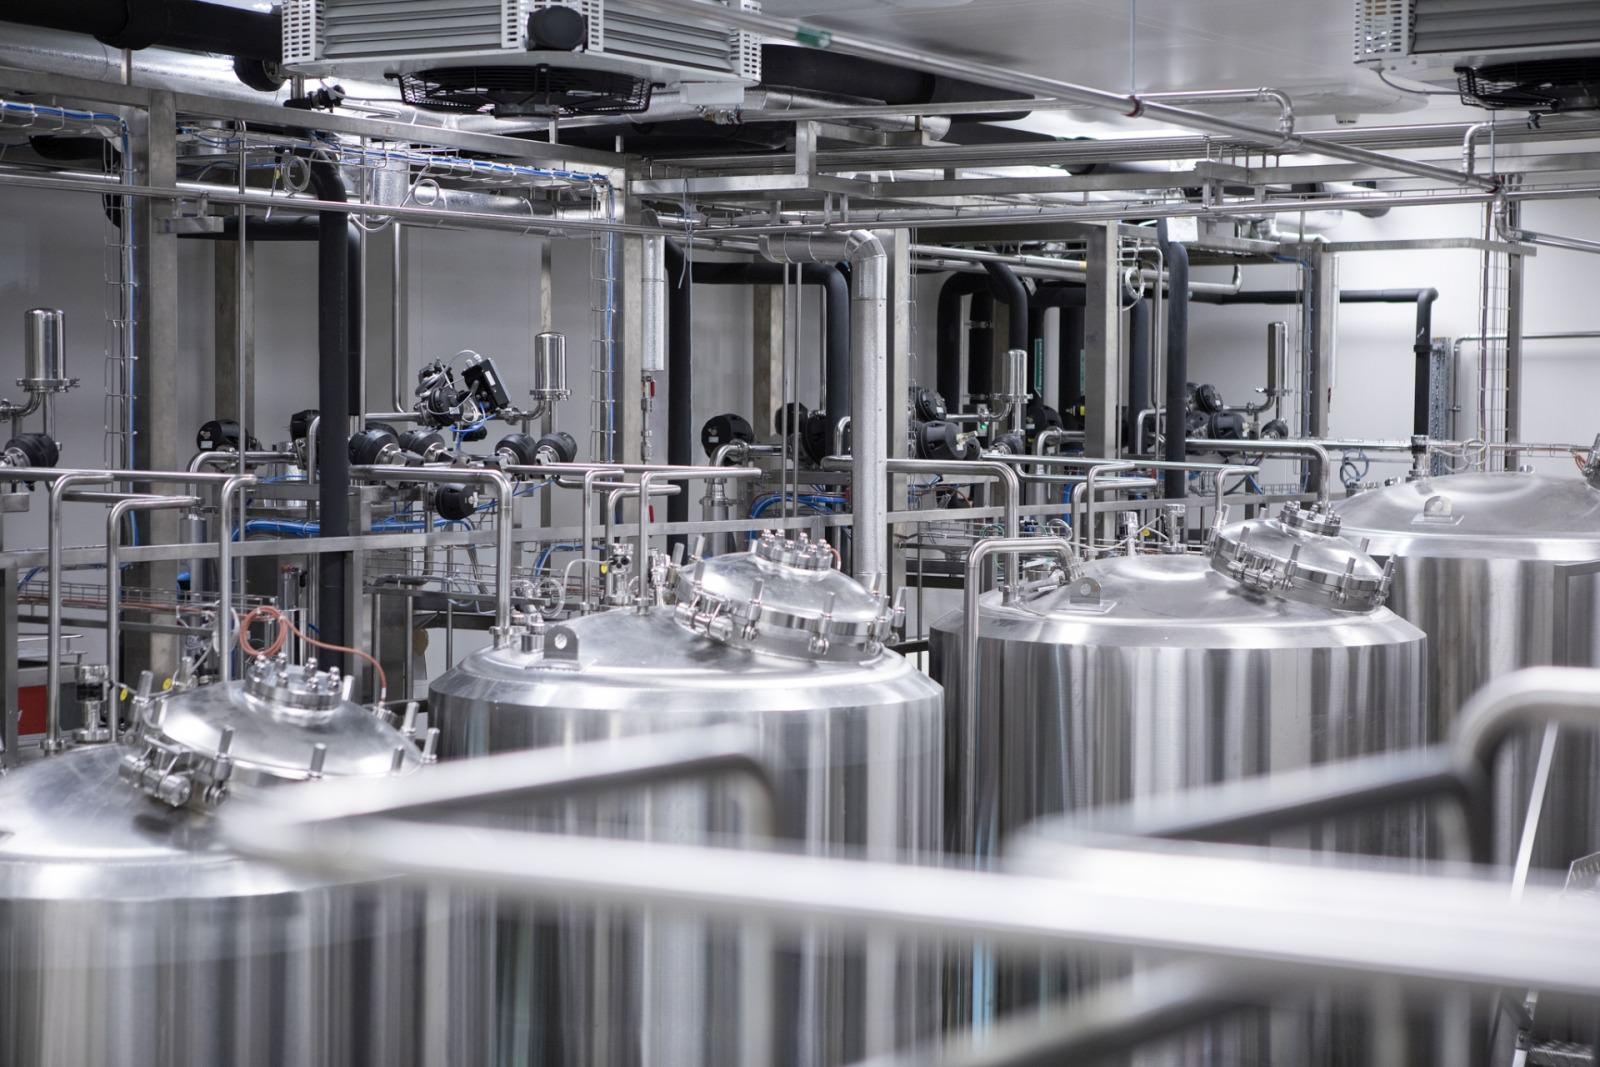 Foto Lagertanks Pufferlager für Immunglobuline